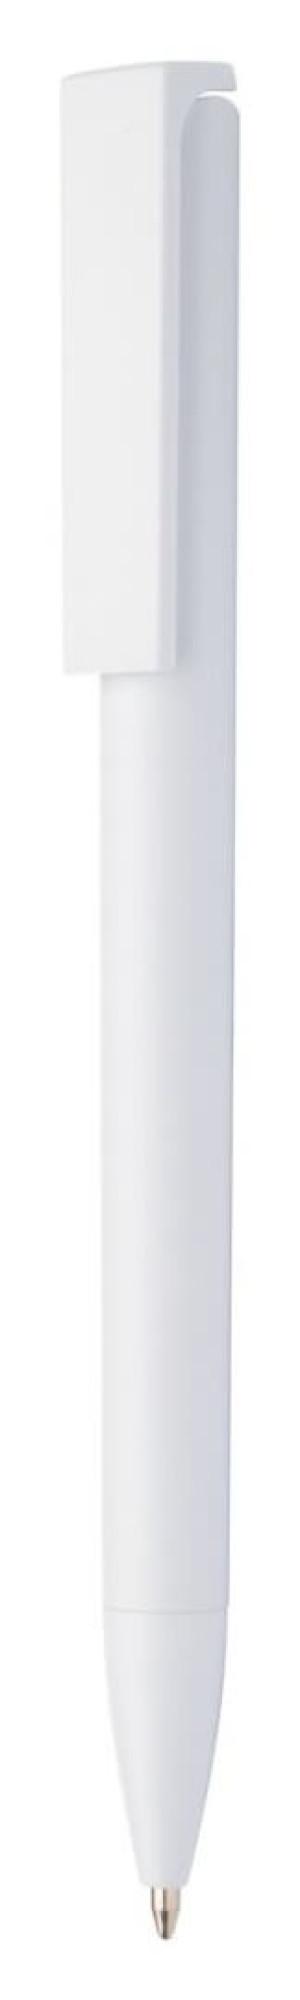 Trampolino kuličkové pero